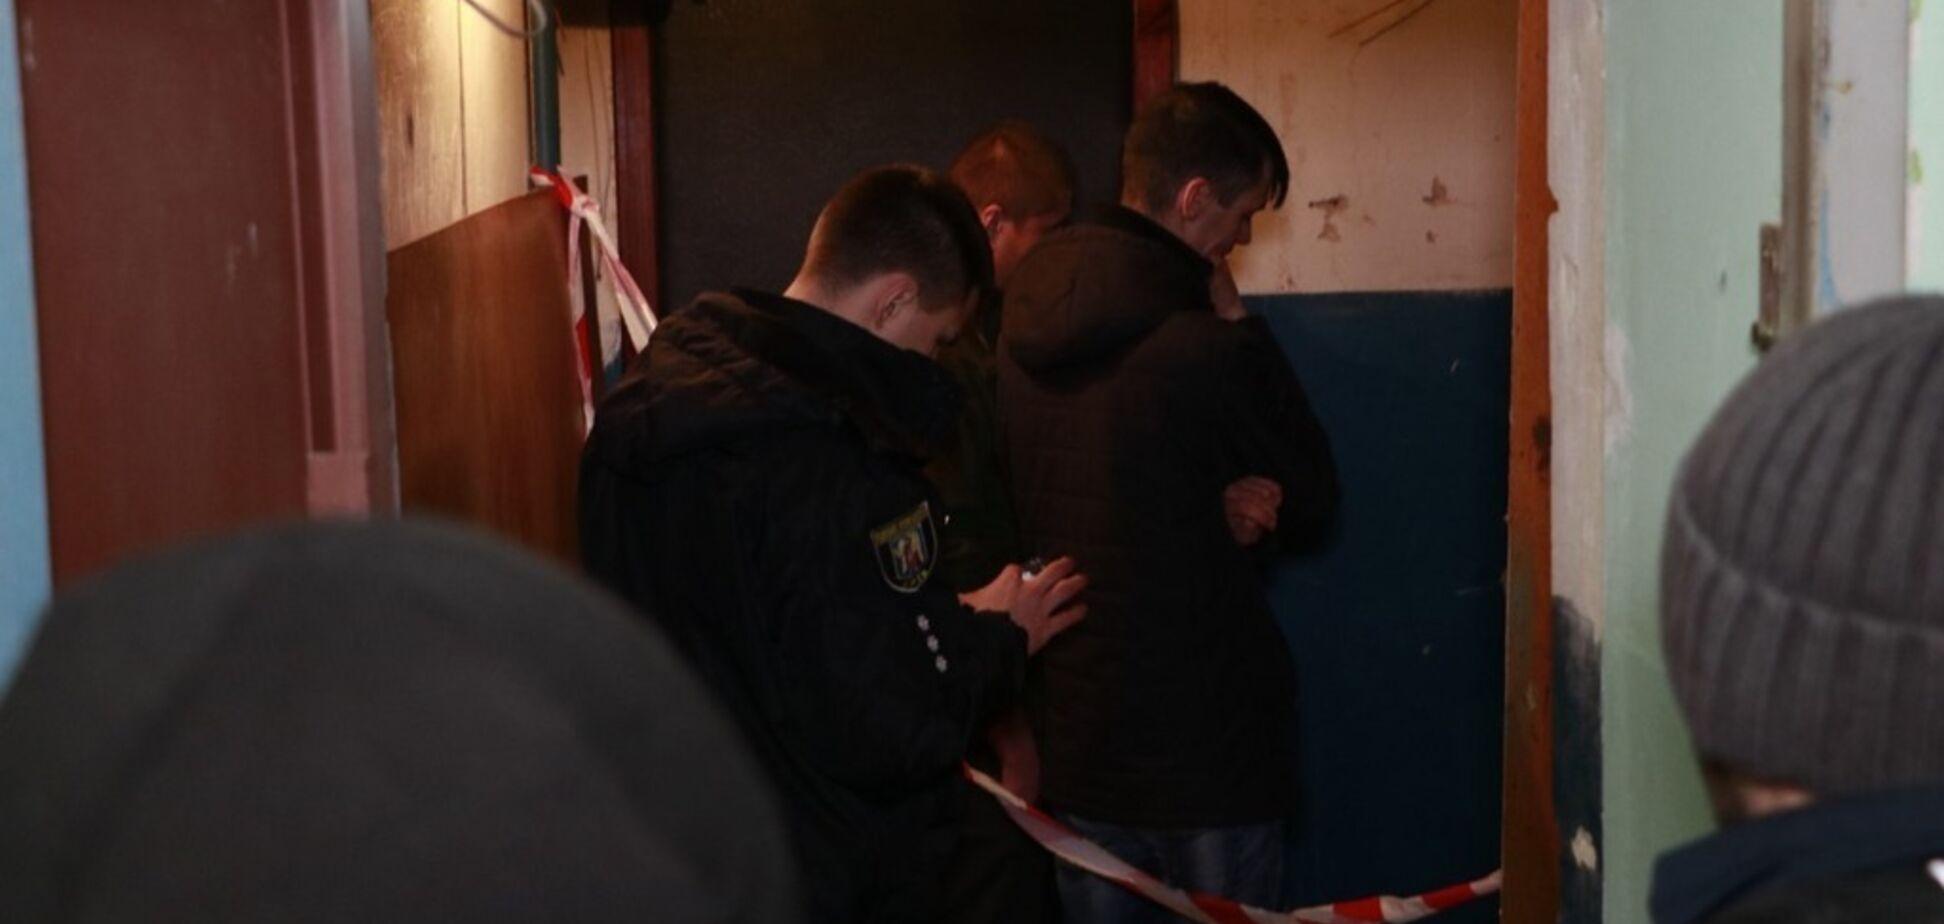 Киев потрясло убийство девушек в 'новогодней' квартире: опубликованы новые фото Марии и Евы